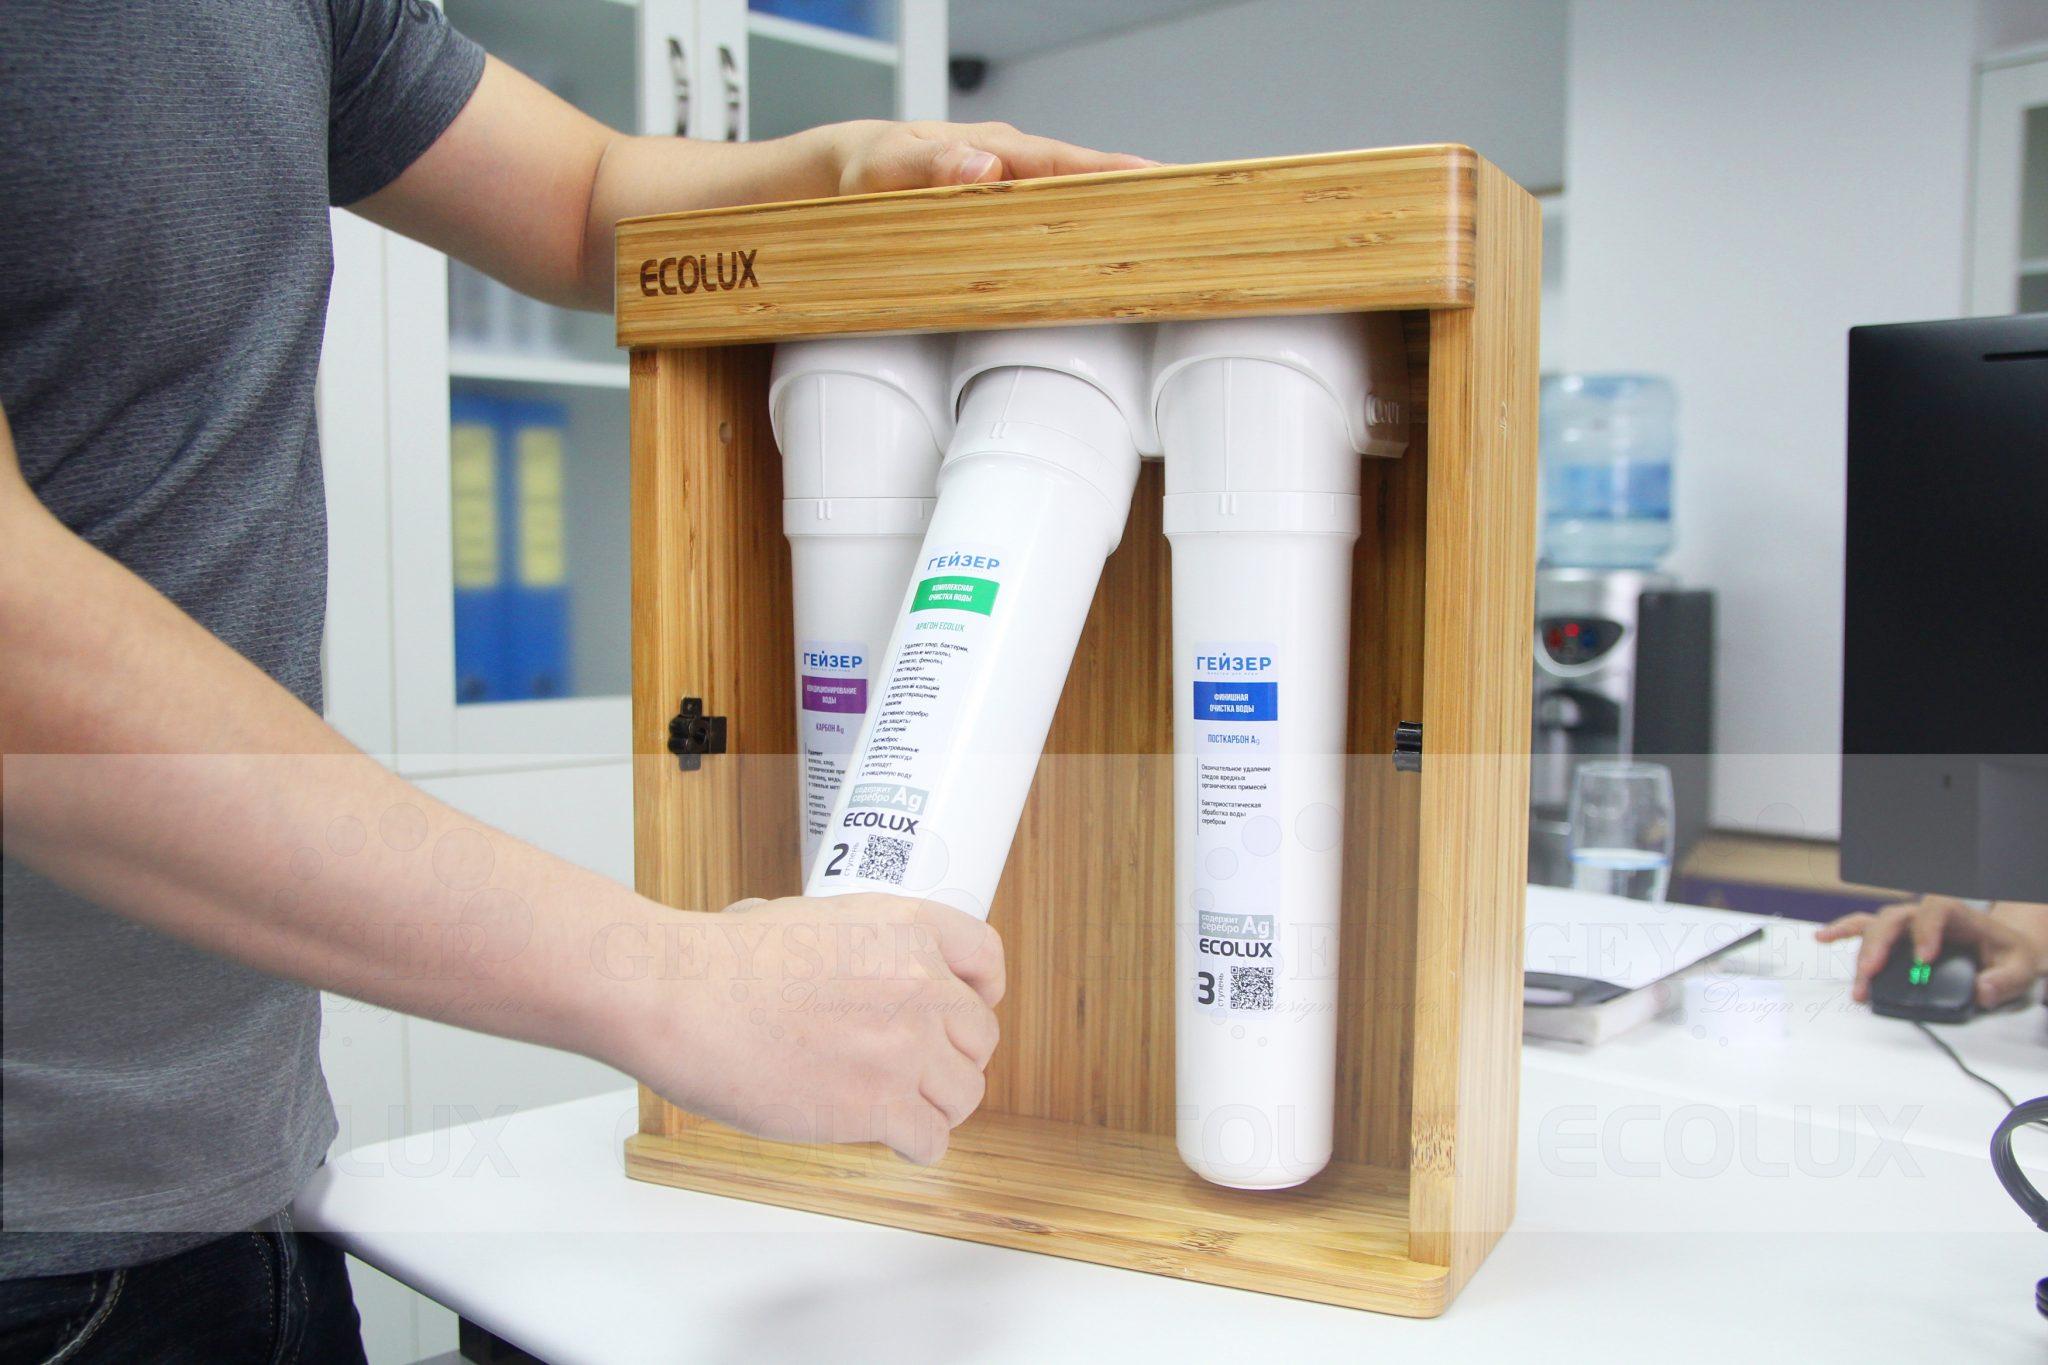 Lõi lọc máy lọc nước nano Geyser Ecolux được cấu tạo nguyên khối an toàn khi vận chuyển